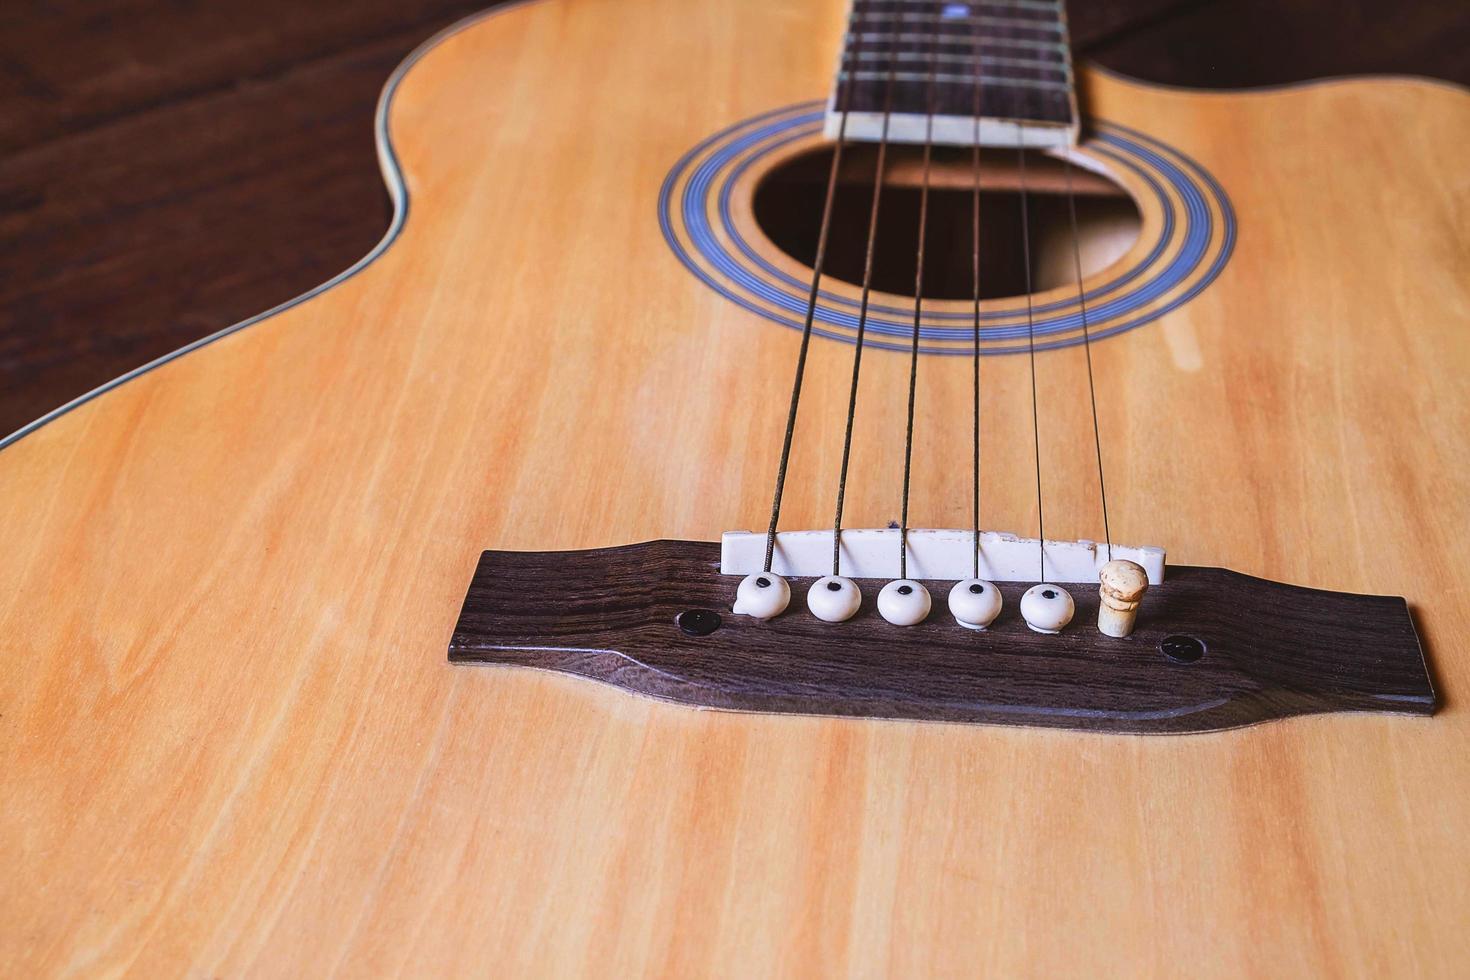 instrument de guitare acoustique photo